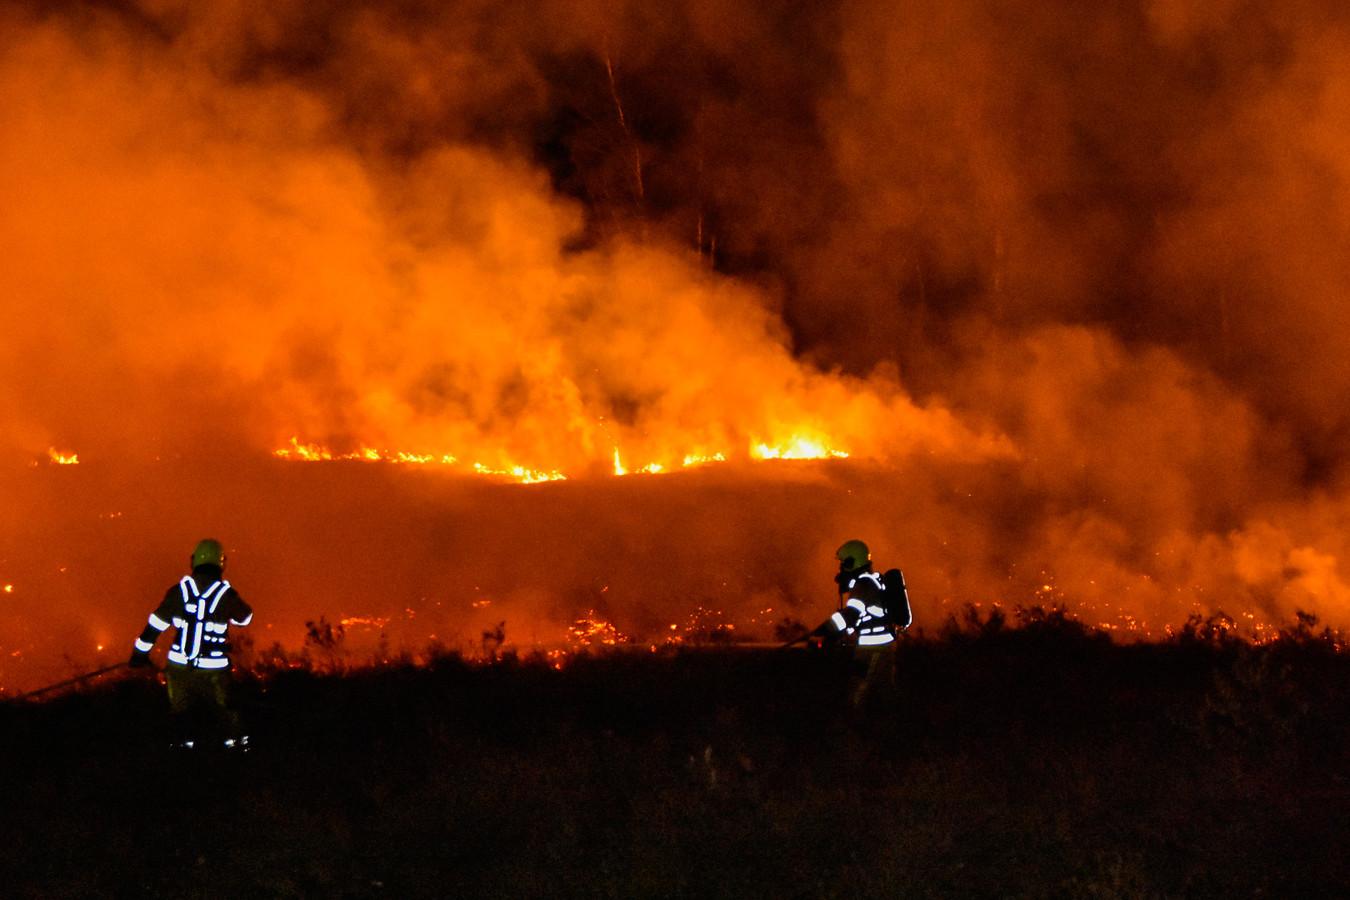 De brandweer heeft het vuur geblust in de Overasseltse en Hatertse Vennen.